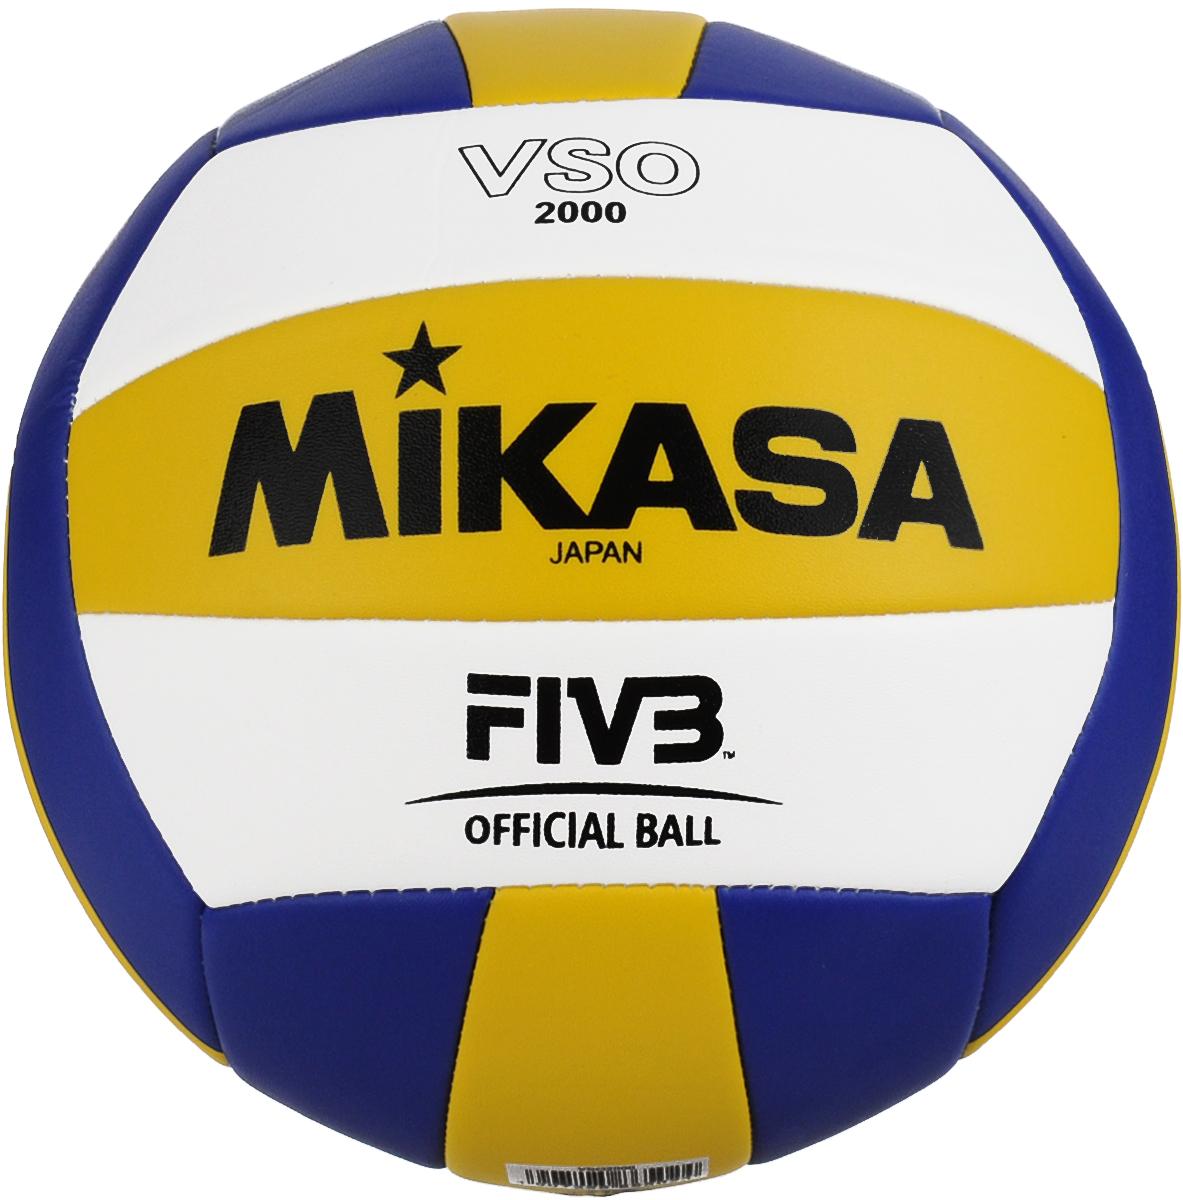 Мяч волейбольный Mikasa VSO 2000. Размер 5УТ-00001290Облегченный мяч Mikasa VSO 2000 предназначен для тренировок начинающих волейболистов и любителей. Изделие состоит из 18 панелей, выполненных из синтетической кожи. Камера изготовлена из бутила. Технология сшивки панелей TwinSTLock обеспечивает долговечность и прочность, как у клееного мяча.УВАЖЕМЫЕ КЛИЕНТЫ!Обращаем ваше внимание на тот факт, что мяч поставляется в сдутом виде. Насос в комплект не входит.